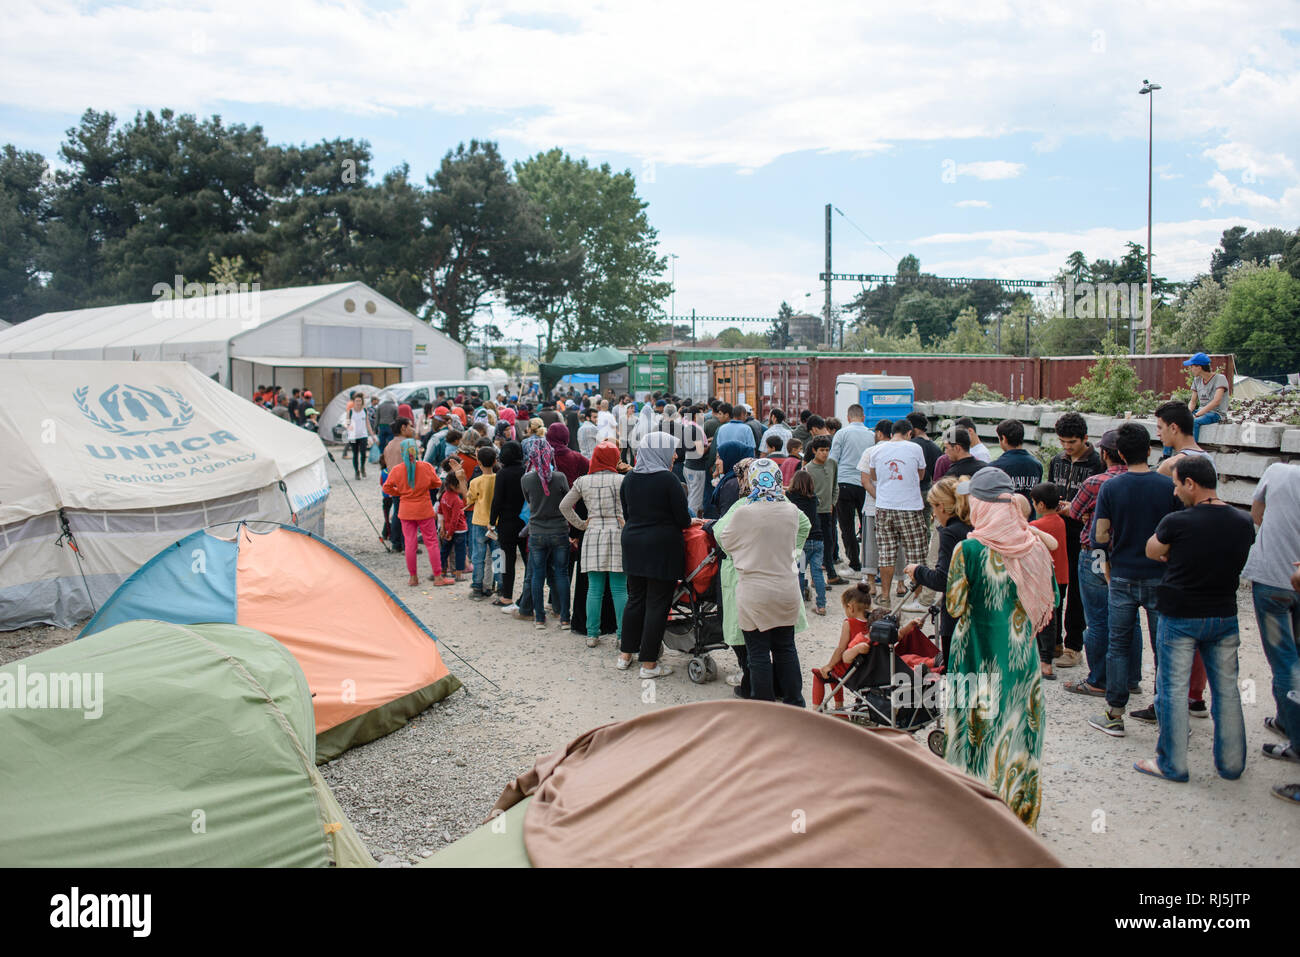 Hier werden Nahrungsmittel an Bedürftige verteilt. Flüchtlingscamp von Idomeni in Griechenland an der Grenze nach Mazedonien, April 2016. Stock Photo